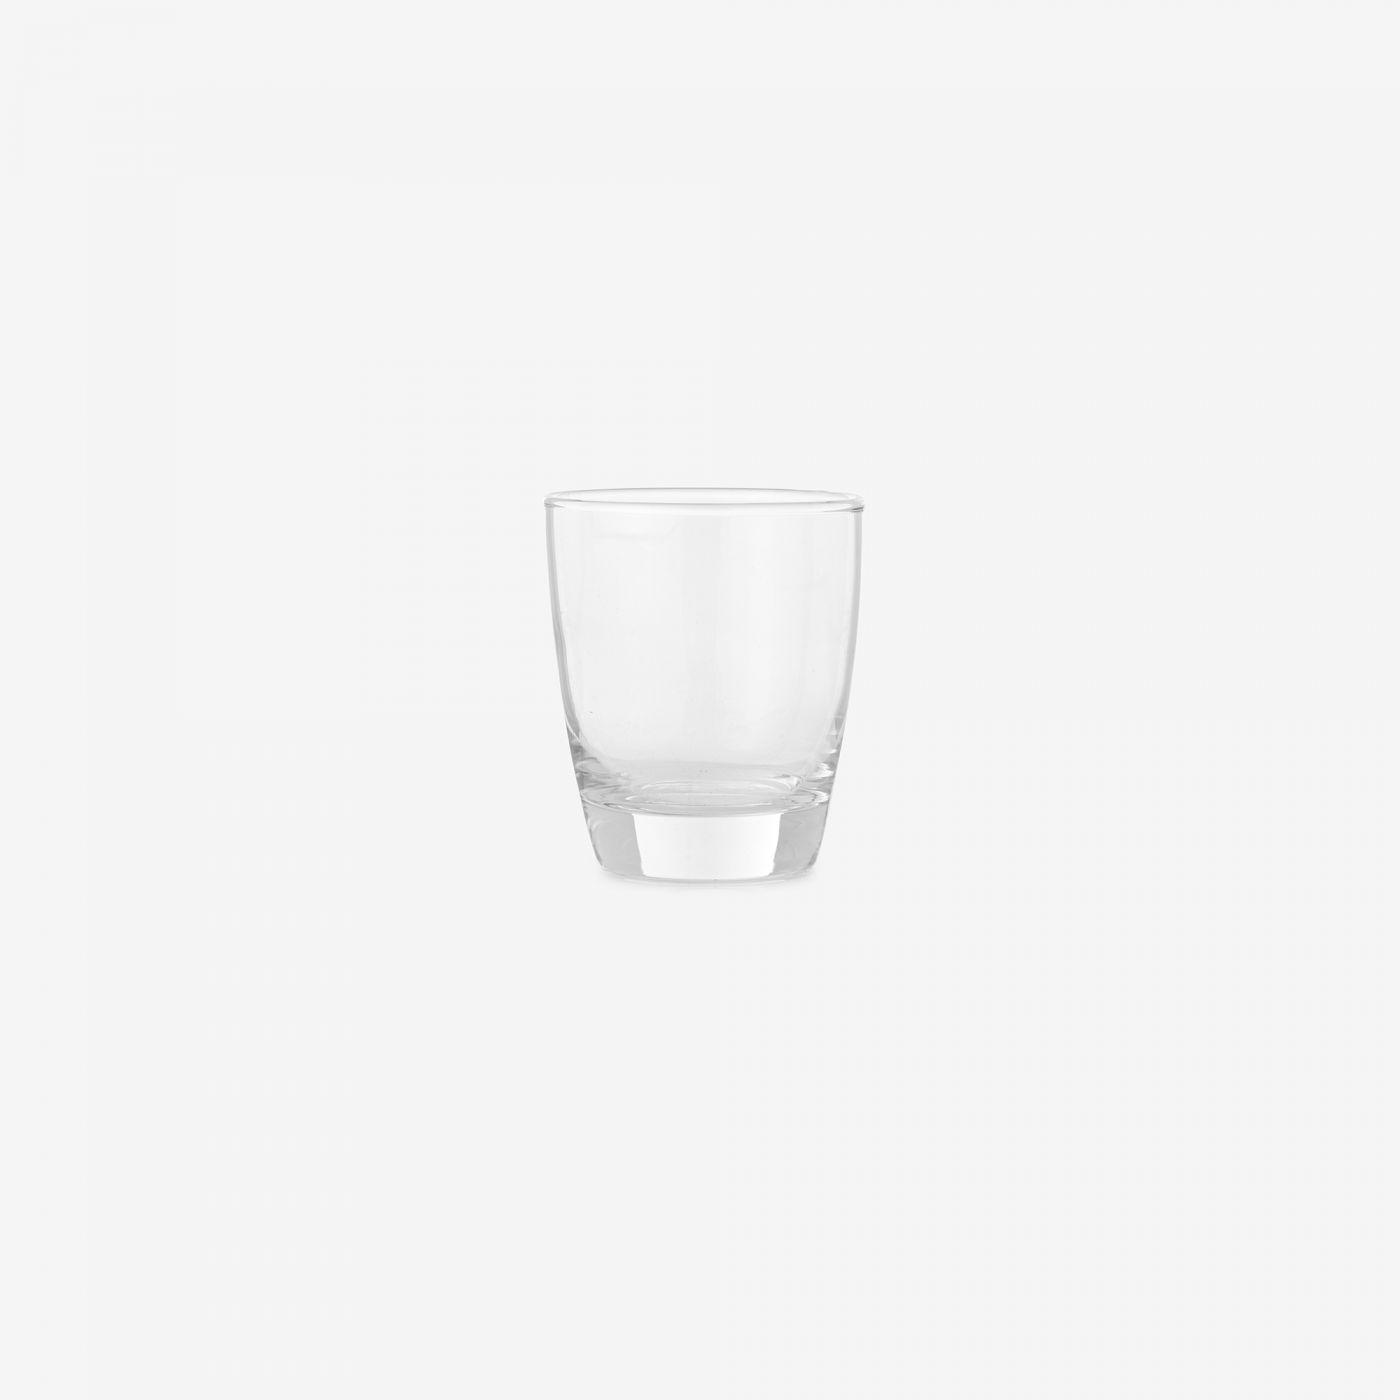 כוס ויסקי VIV